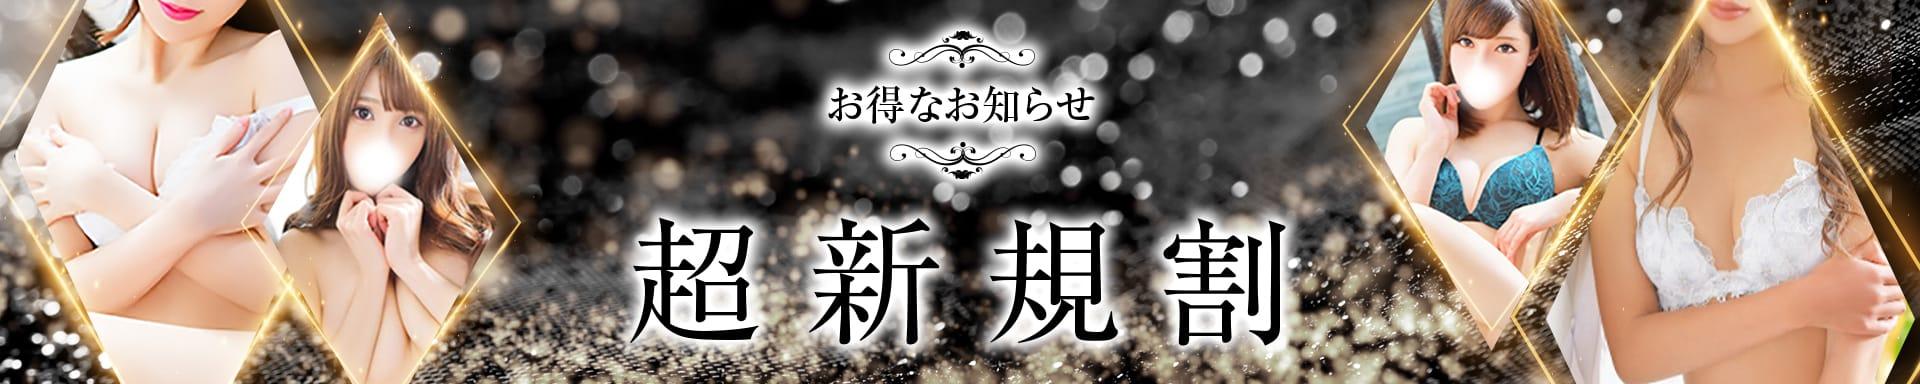 CLUB虎の穴 新宿店 その3